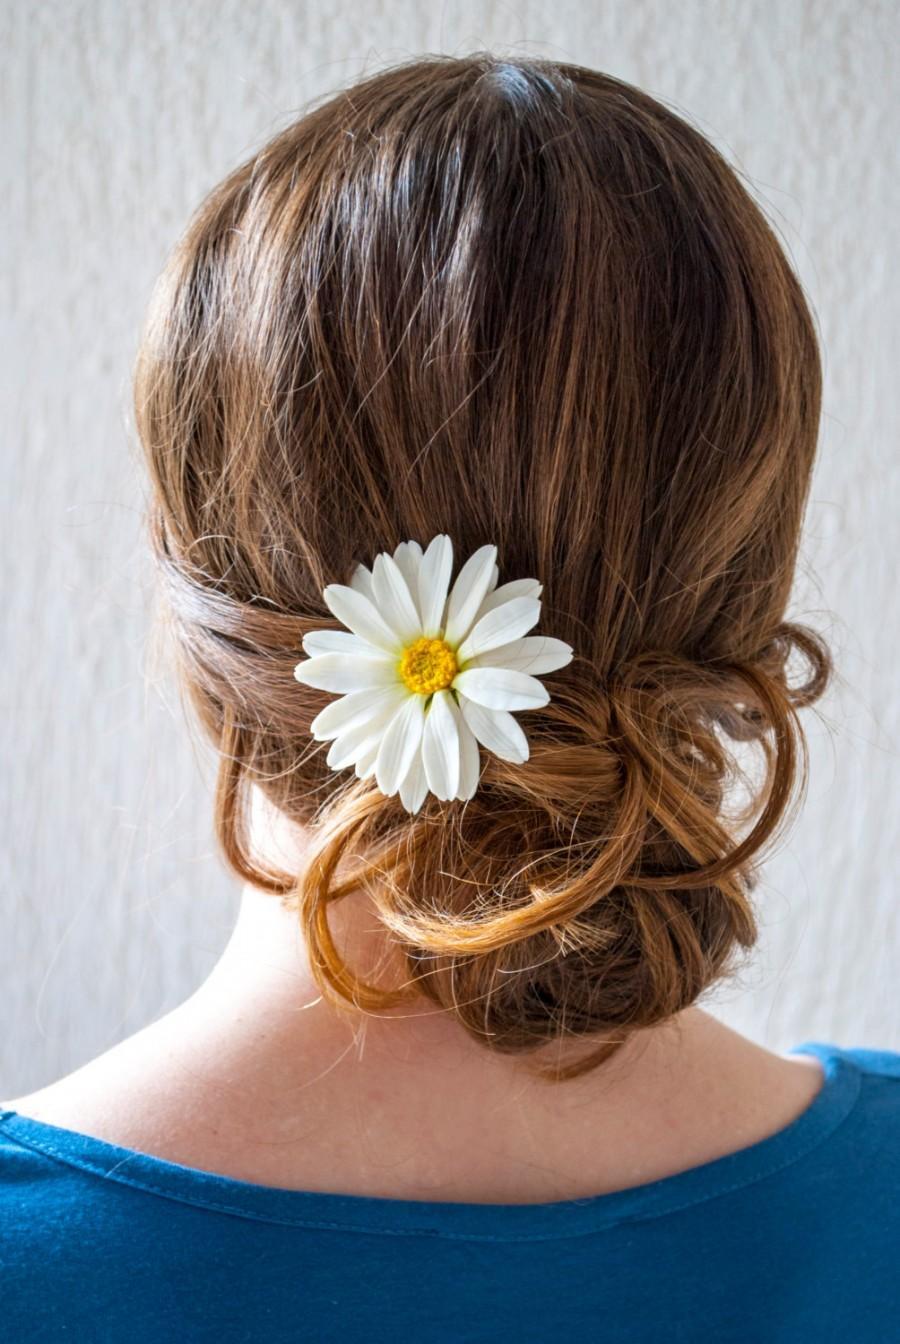 Daisy Hair Pin Wedding Hair Accessory Hair Flower Accessories